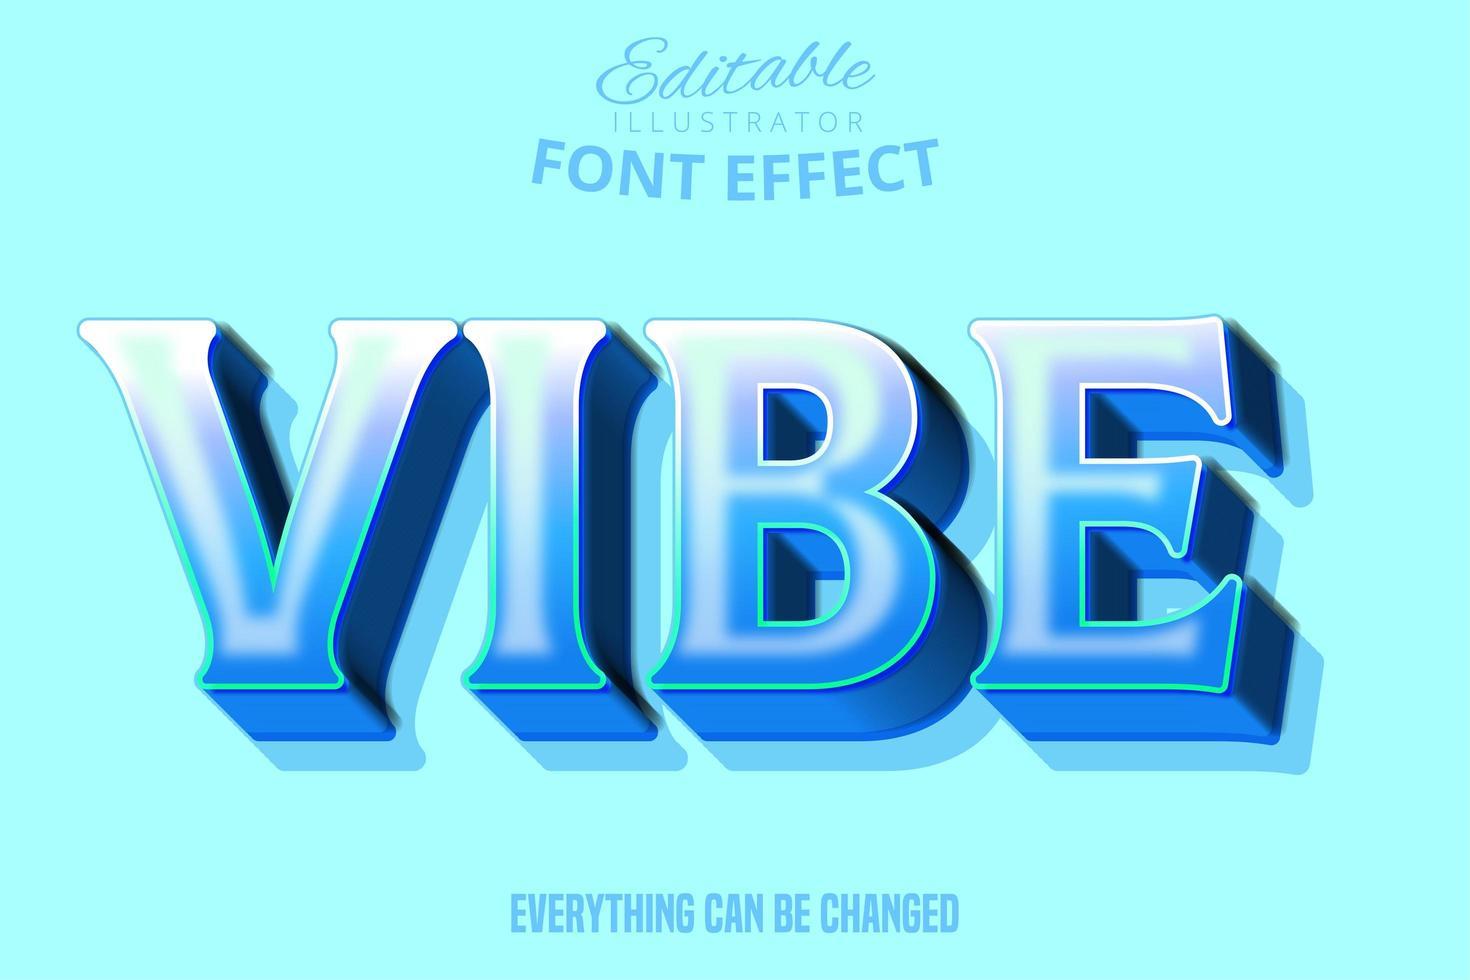 texto de ambiente, efecto de fuente editable vector